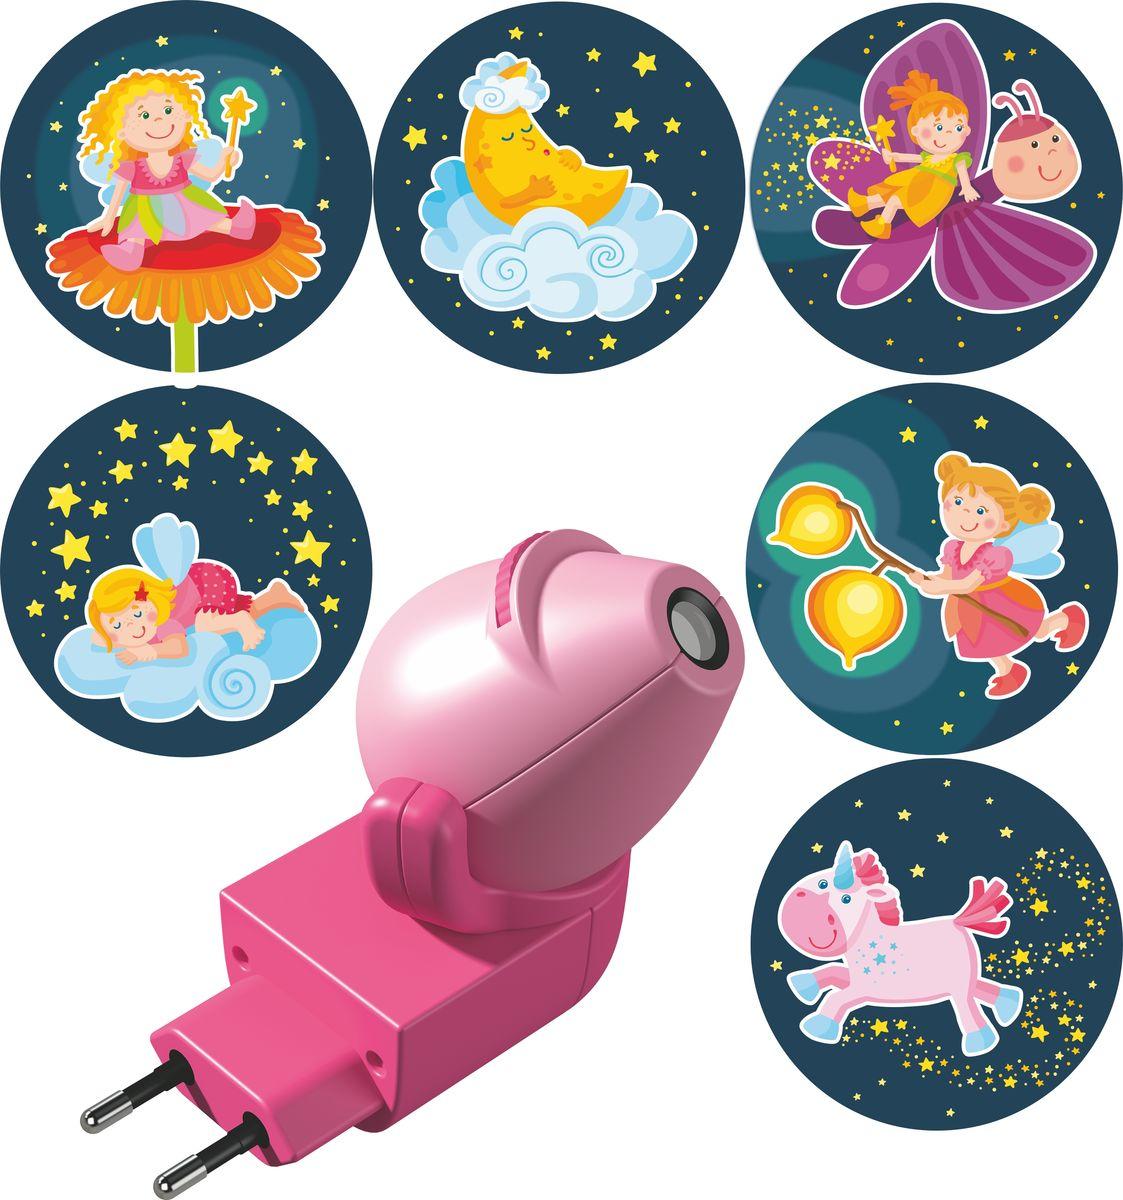 Haba Ночник-проектор Волшебный фонарь с вкладышами Феи301992Проектор станет прекрасным спутником вашего малыша в мире Морфея. Шесть милыхкартинок со спящими феями развеют тьму и навеют прекрасные сны.